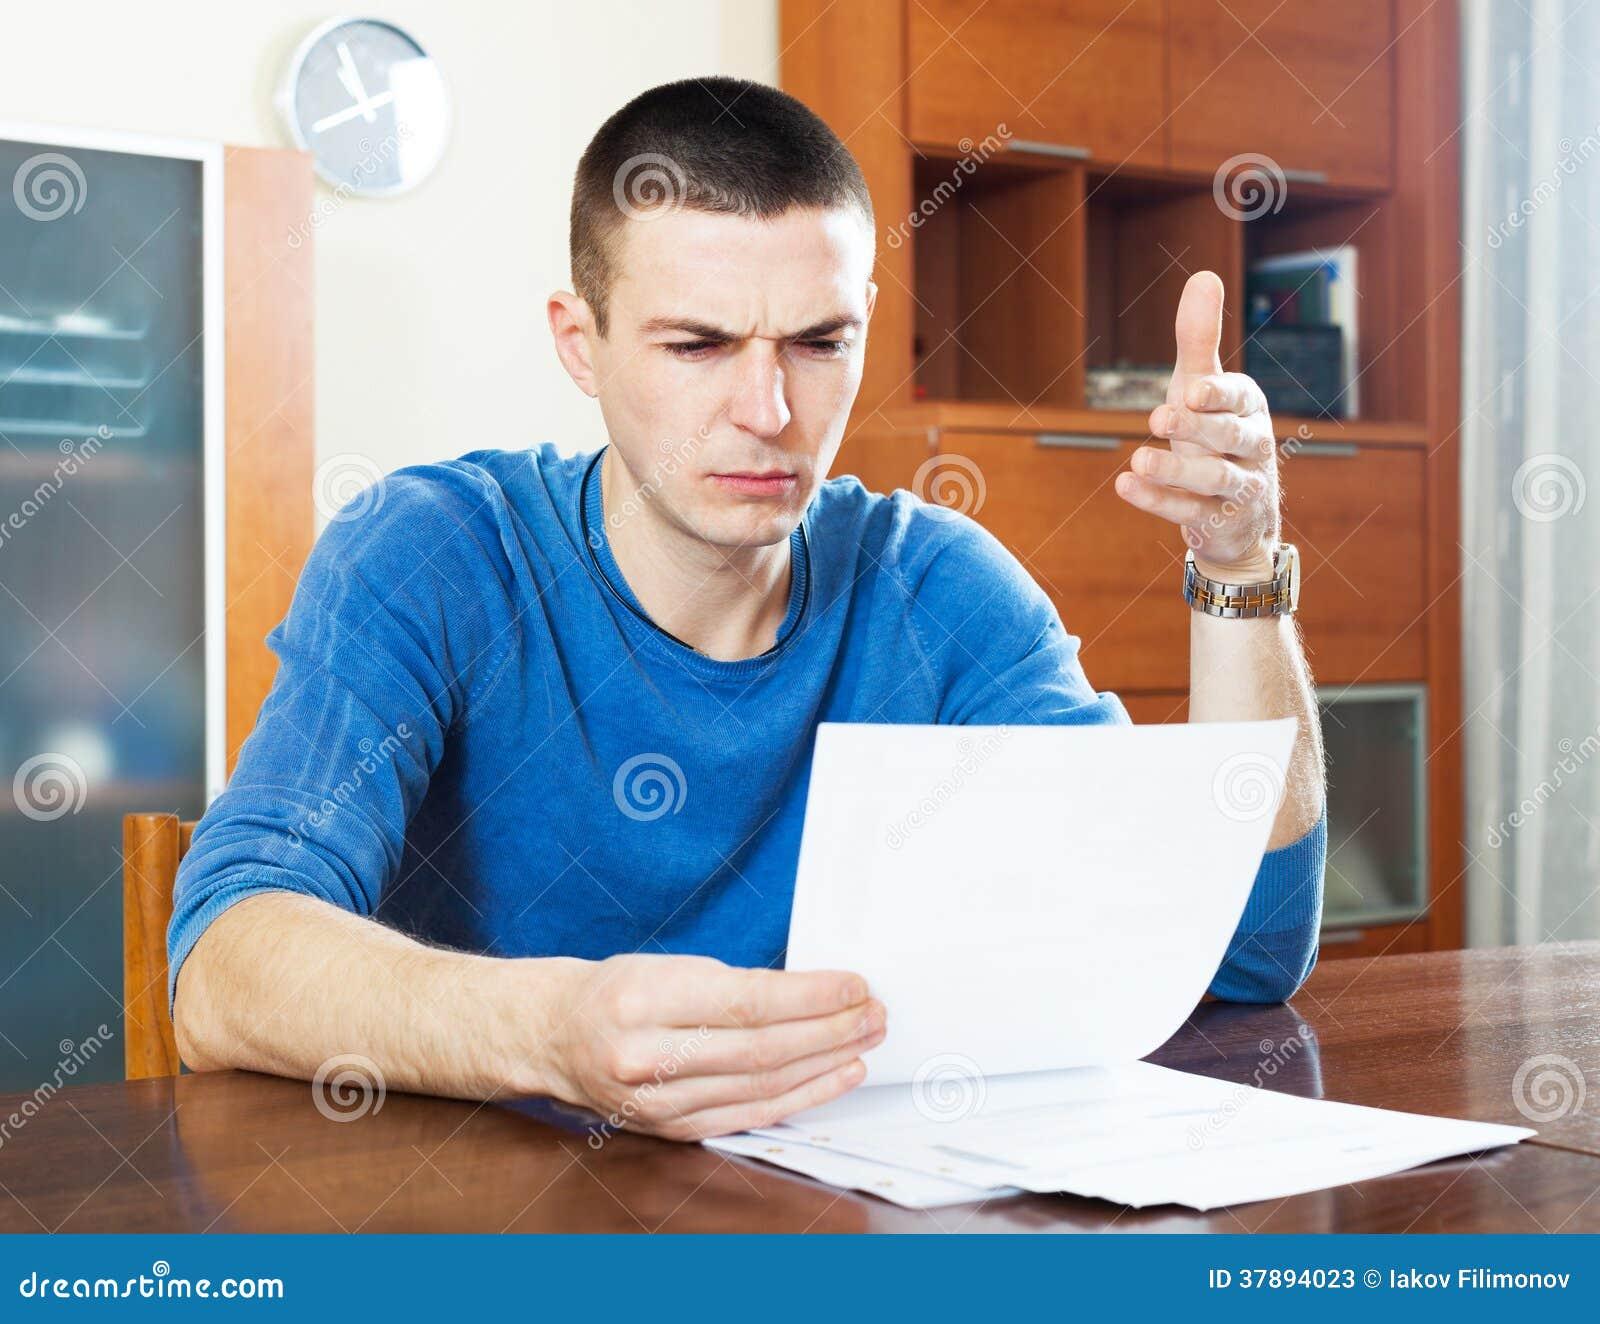 Trauriger frustrierter Mann, der Blatt Papier betrachtet